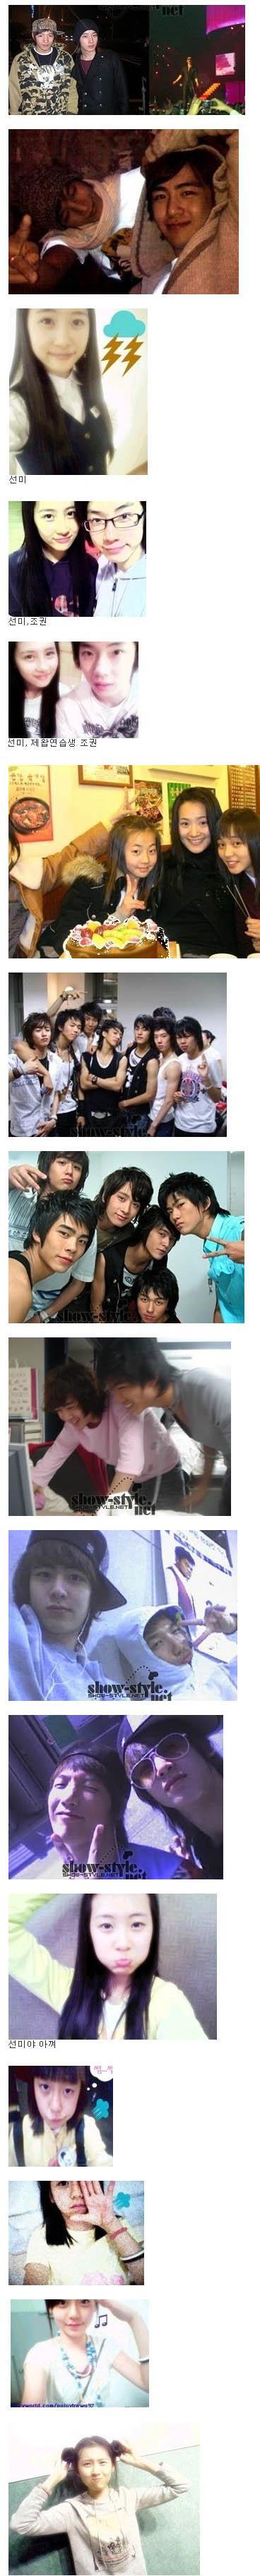 JYPE Family2